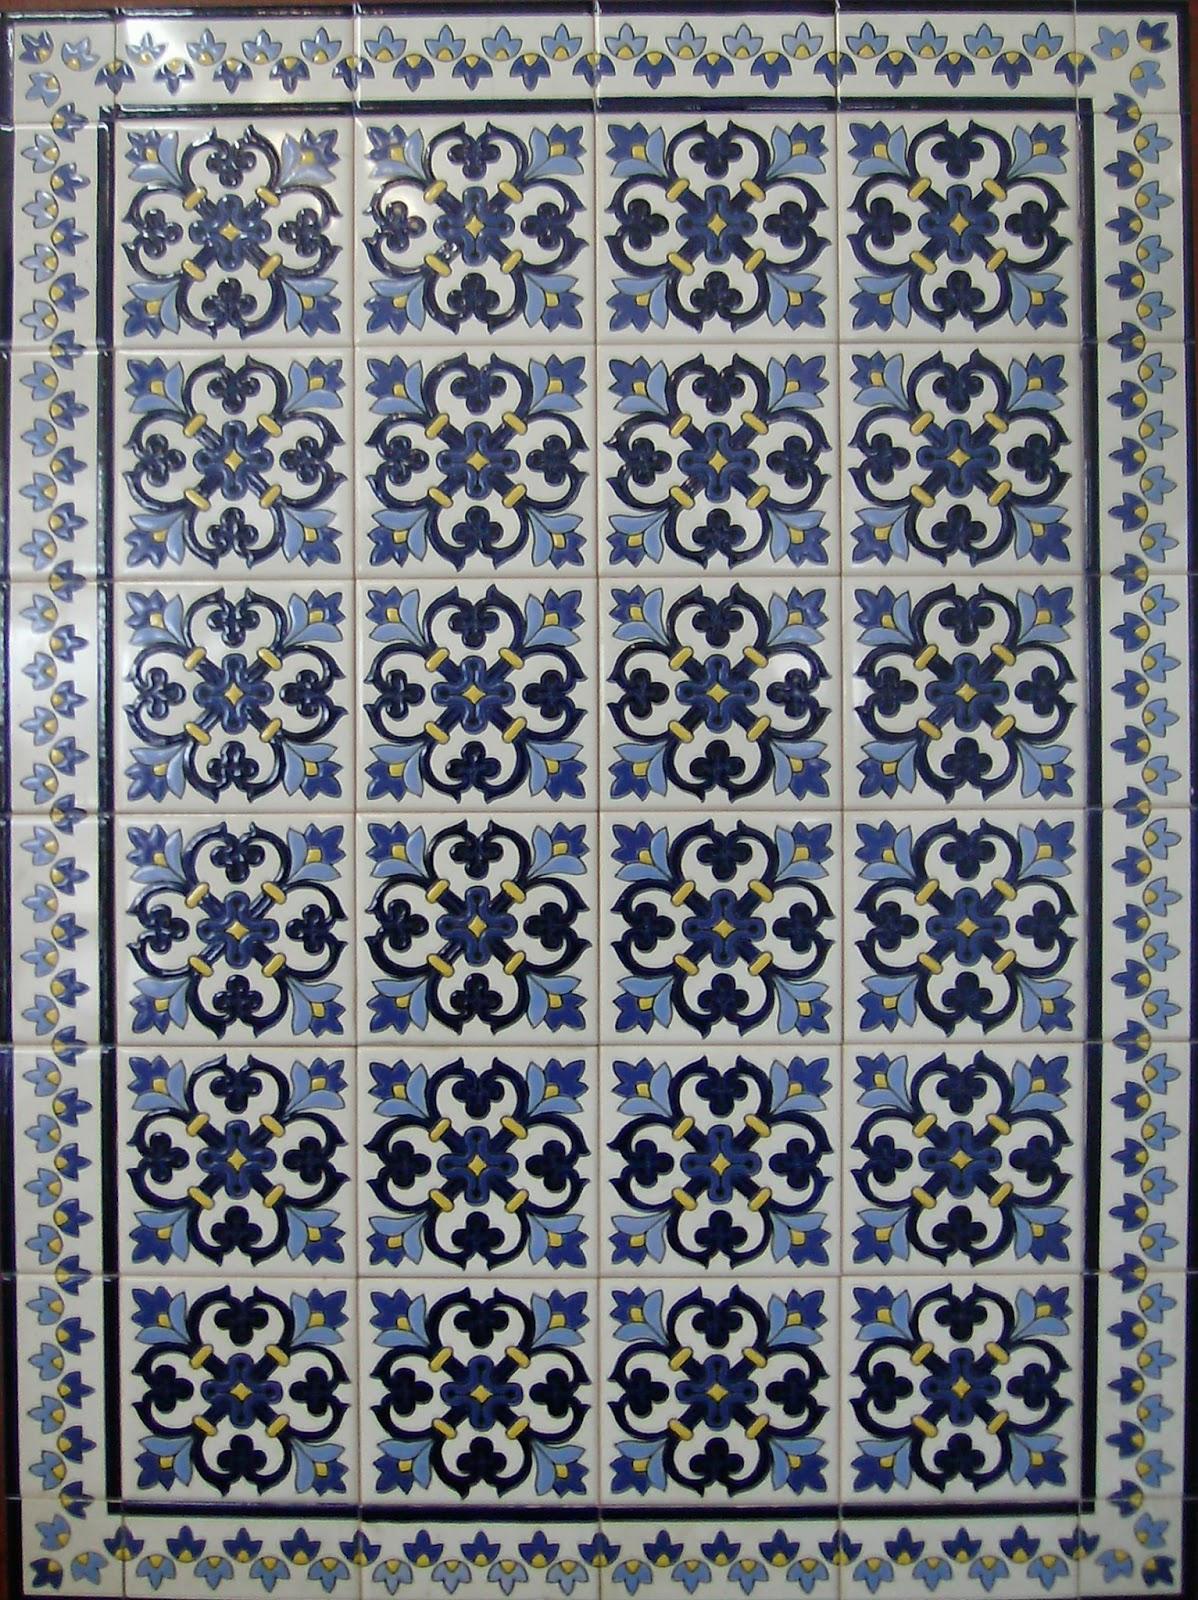 Elaboracion y decoraci n de guardas y cer micos - Tipos de azulejos ...